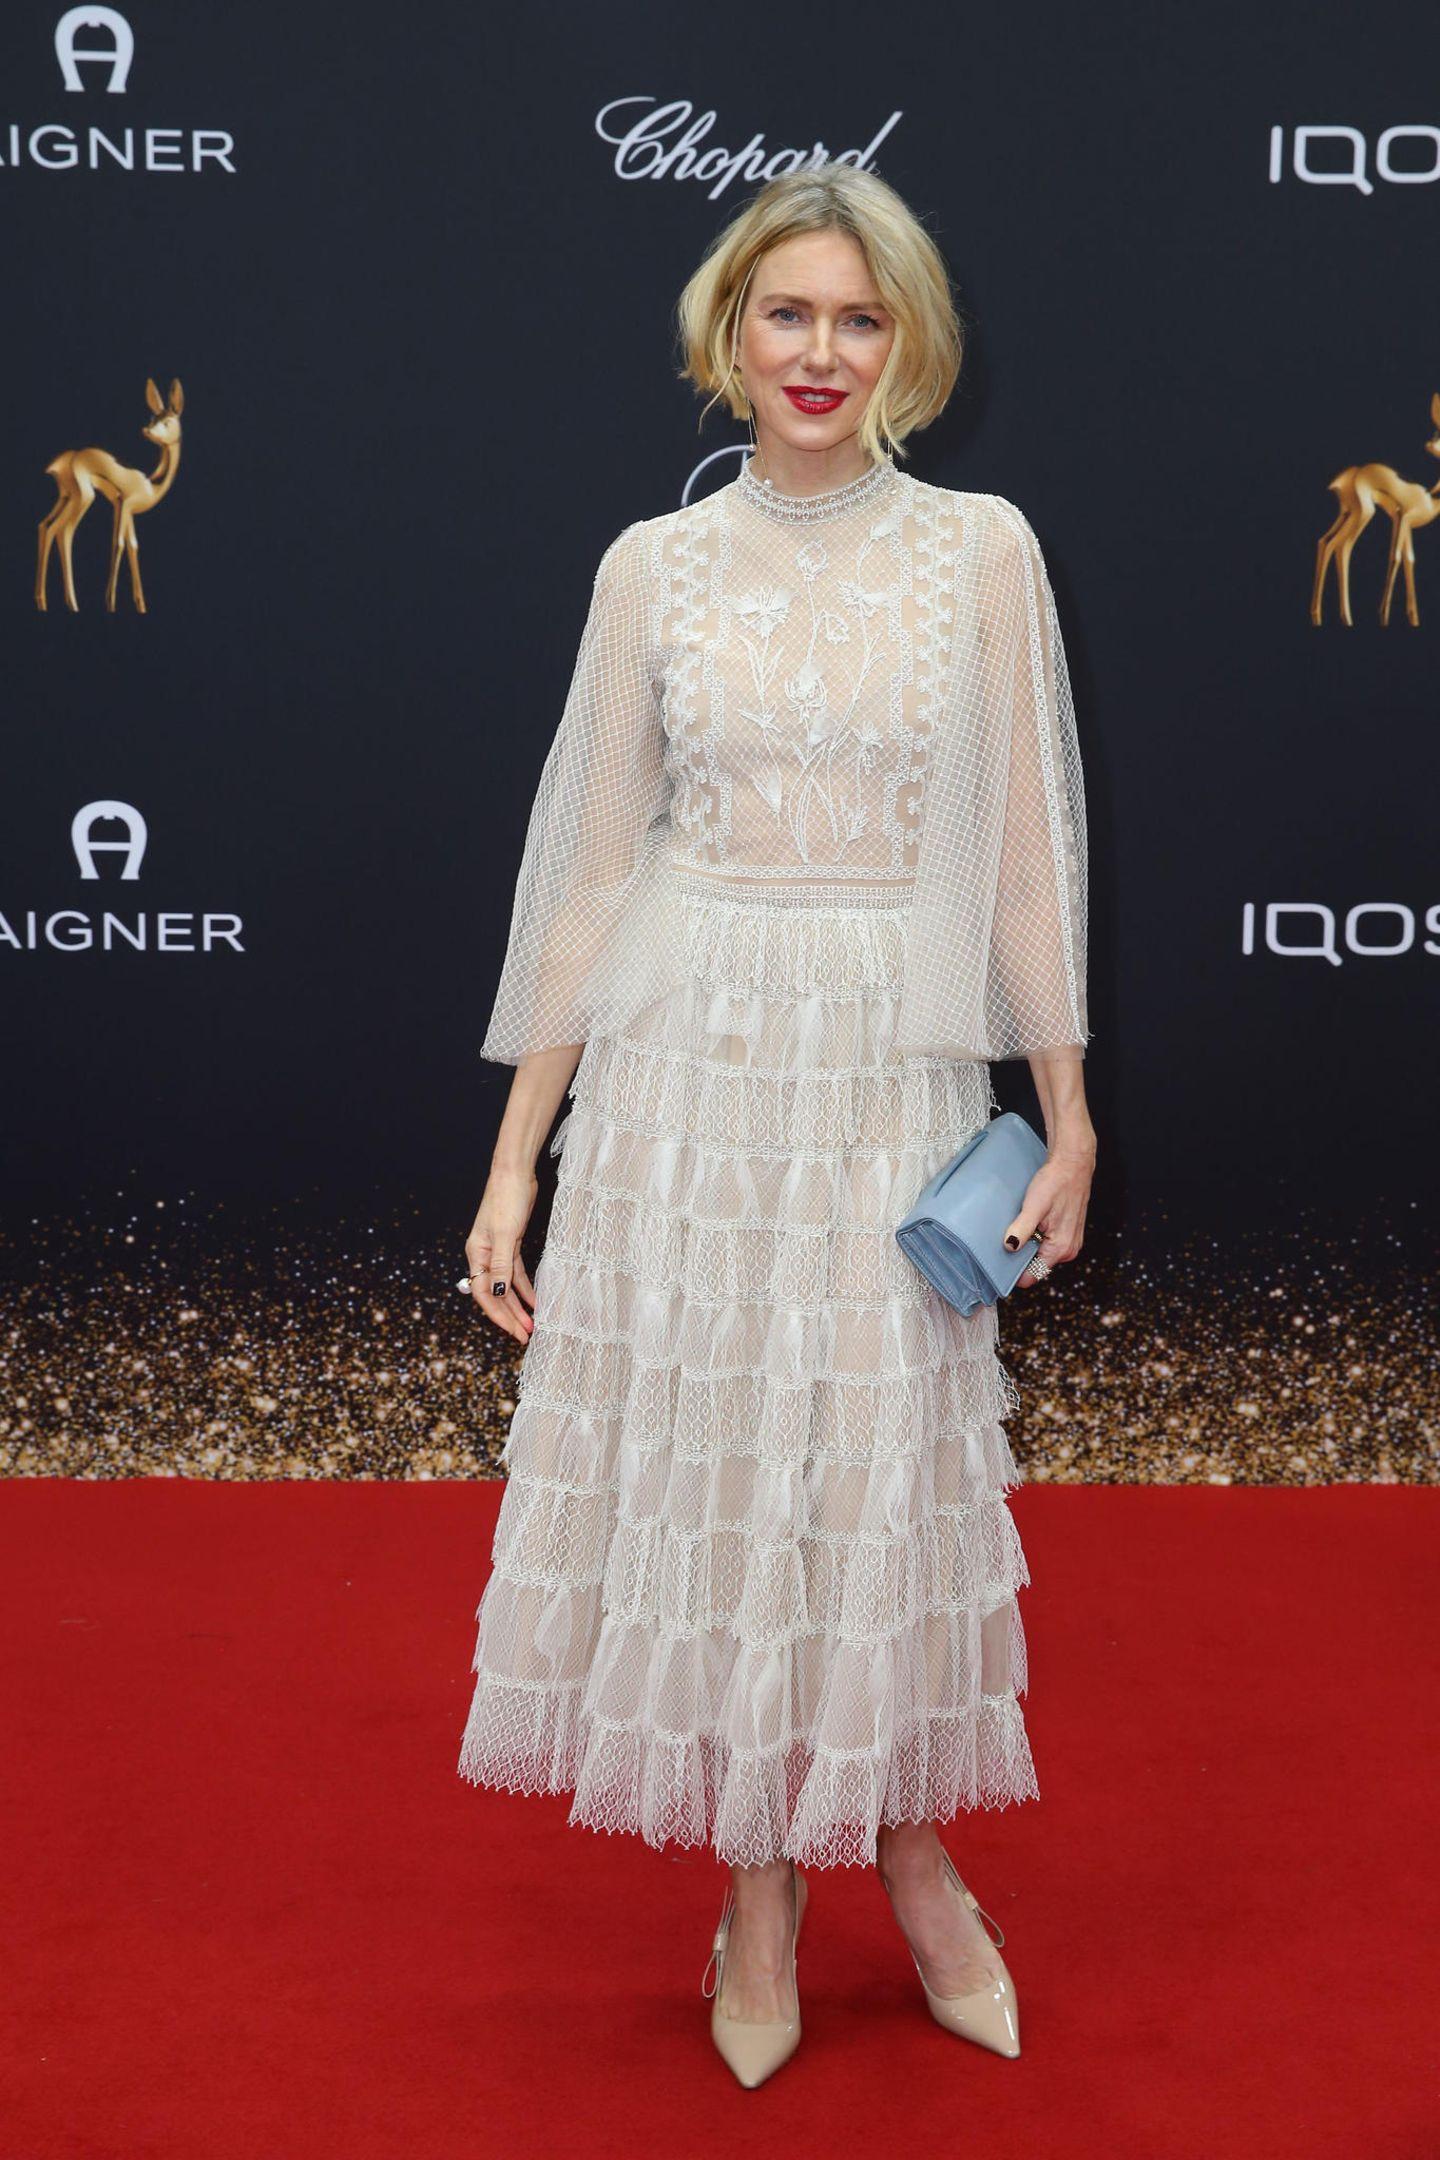 Naomi Watts trägt ein Kleid aus der Sommer 2020-Kollektion von Christian Dior.